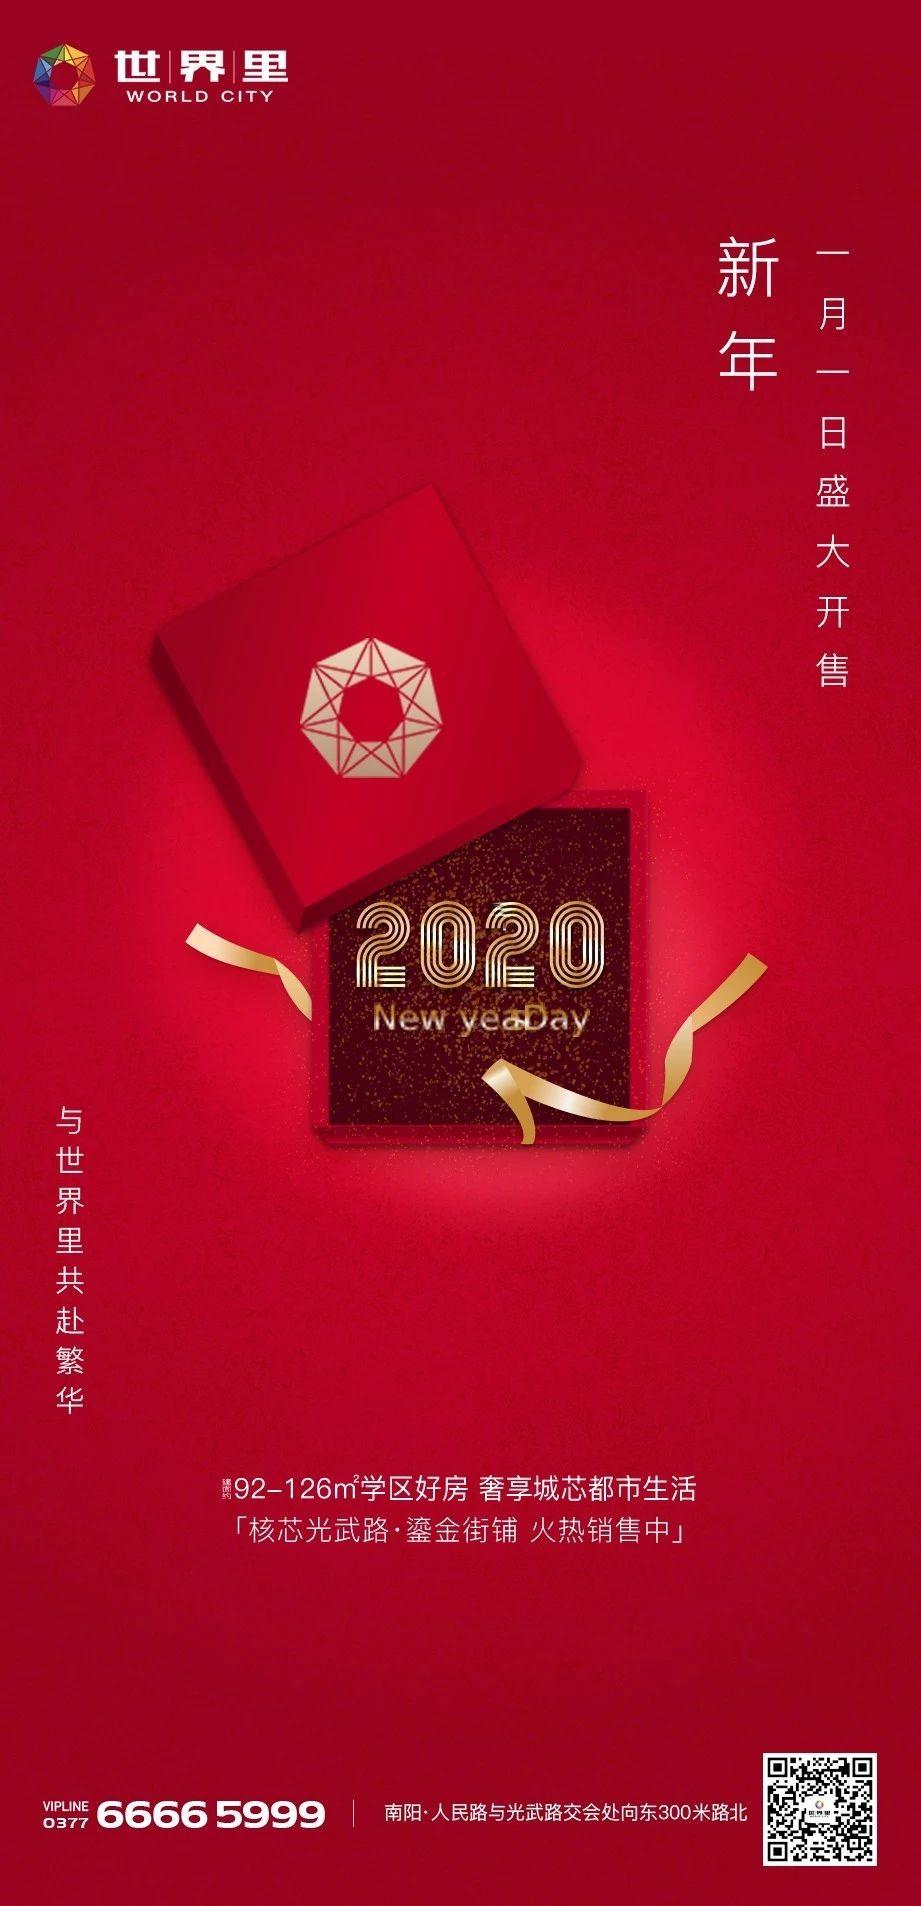 微信图片_20200101211153.jpg